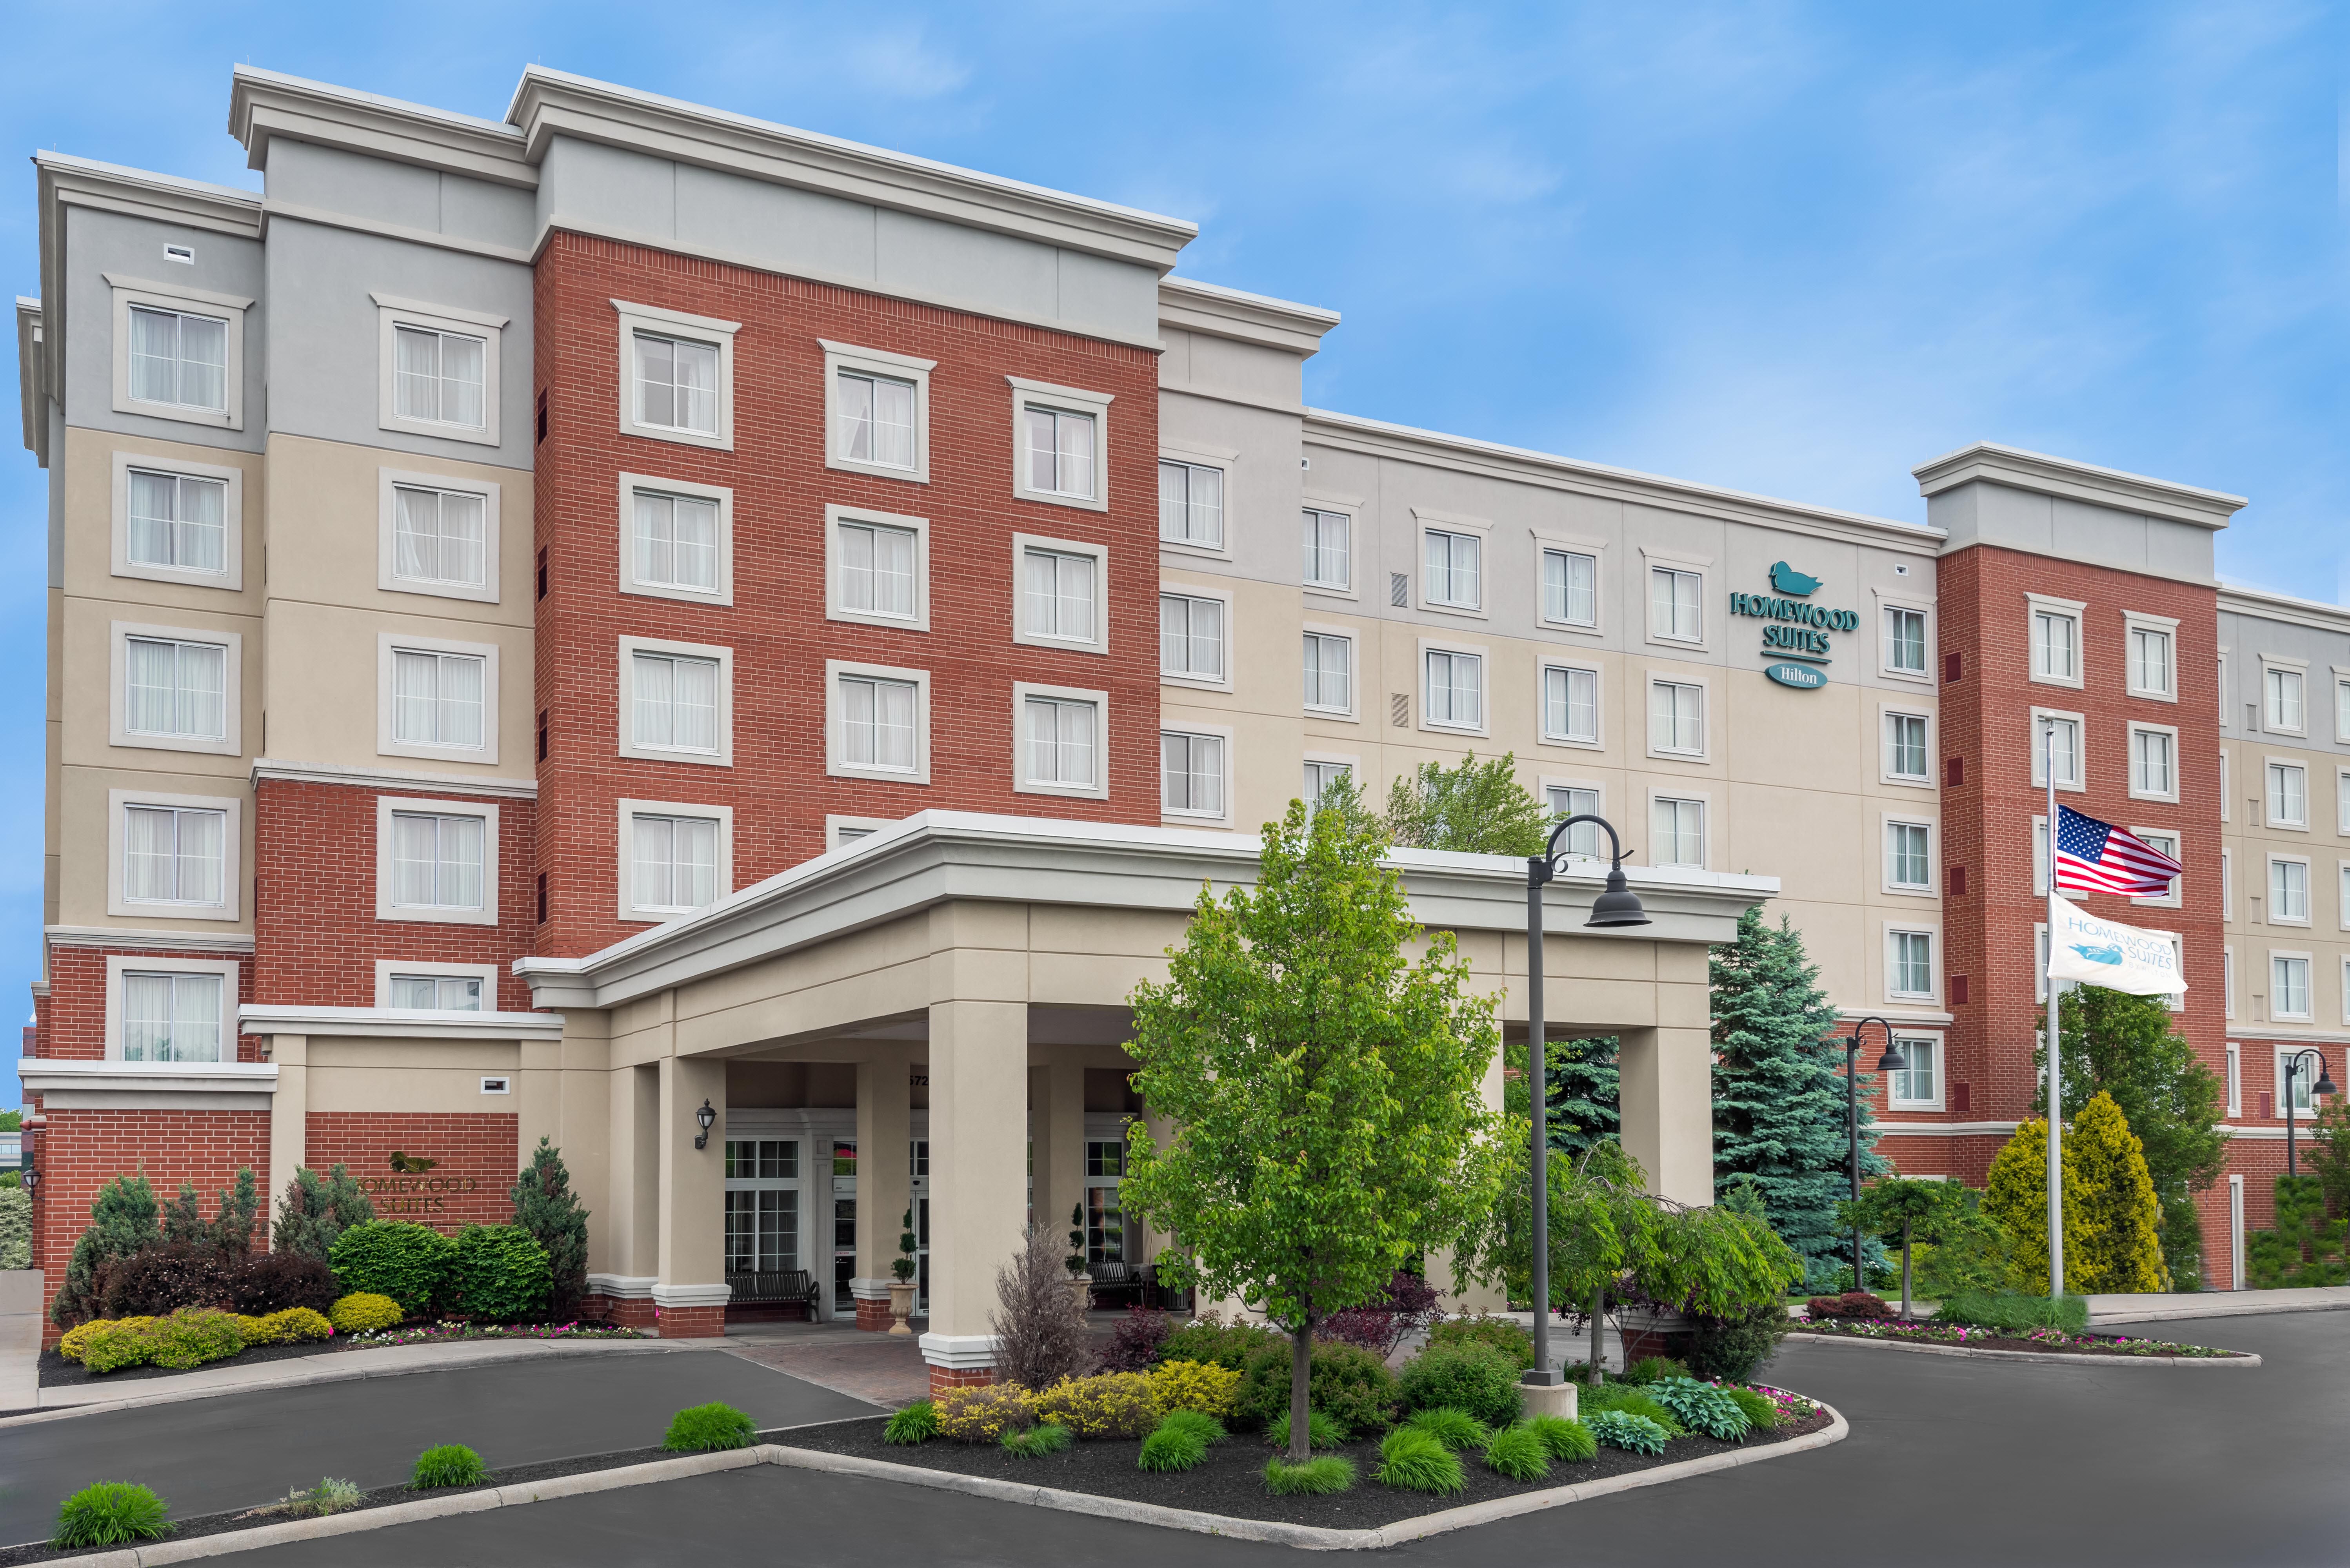 Homewood Suites by Hilton Cleveland-Beachwood image 22